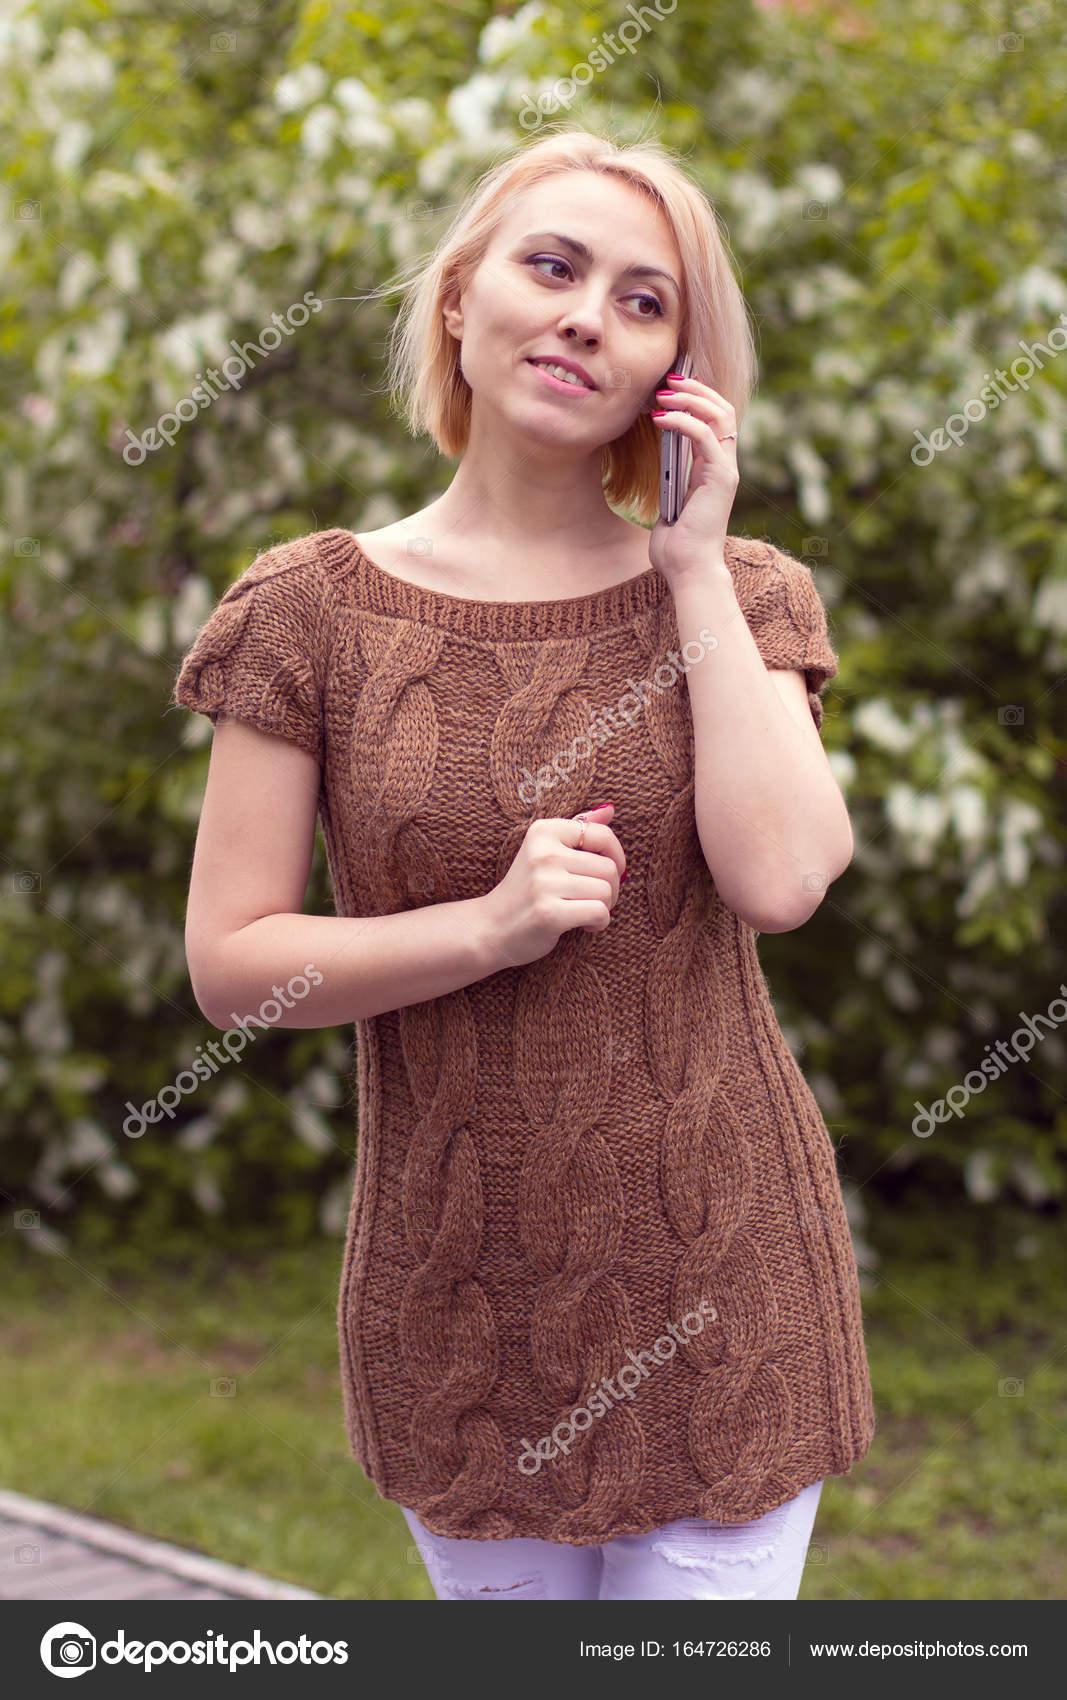 одинокая женщина в красивый вязаный жакет красивая женщина на